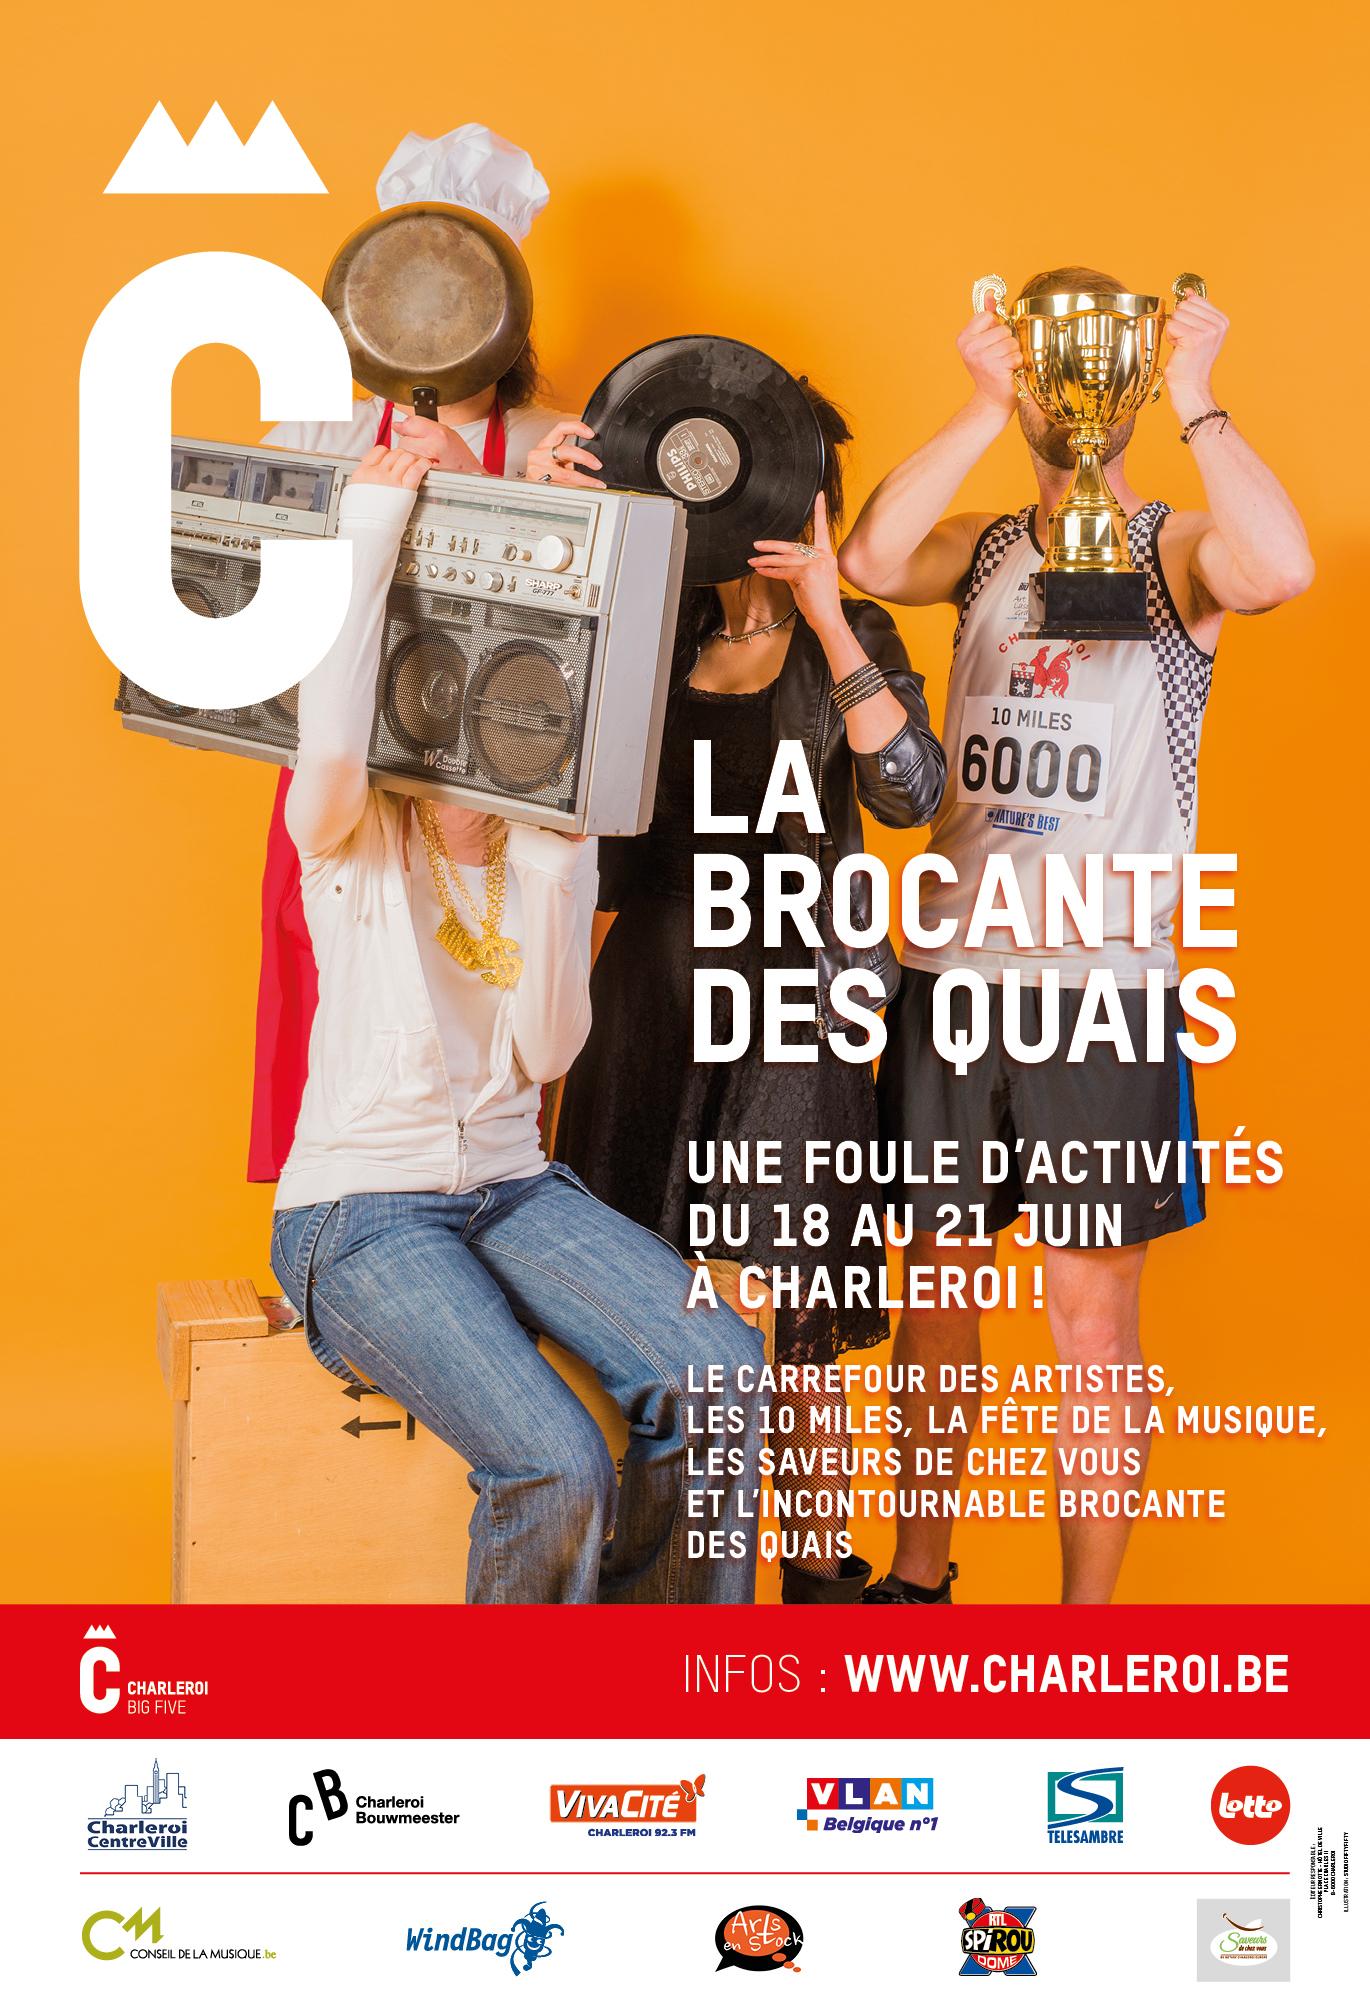 identite-charleroi-logo_BIG-FIVE_BROCANTE-DES-QUAIS-2015